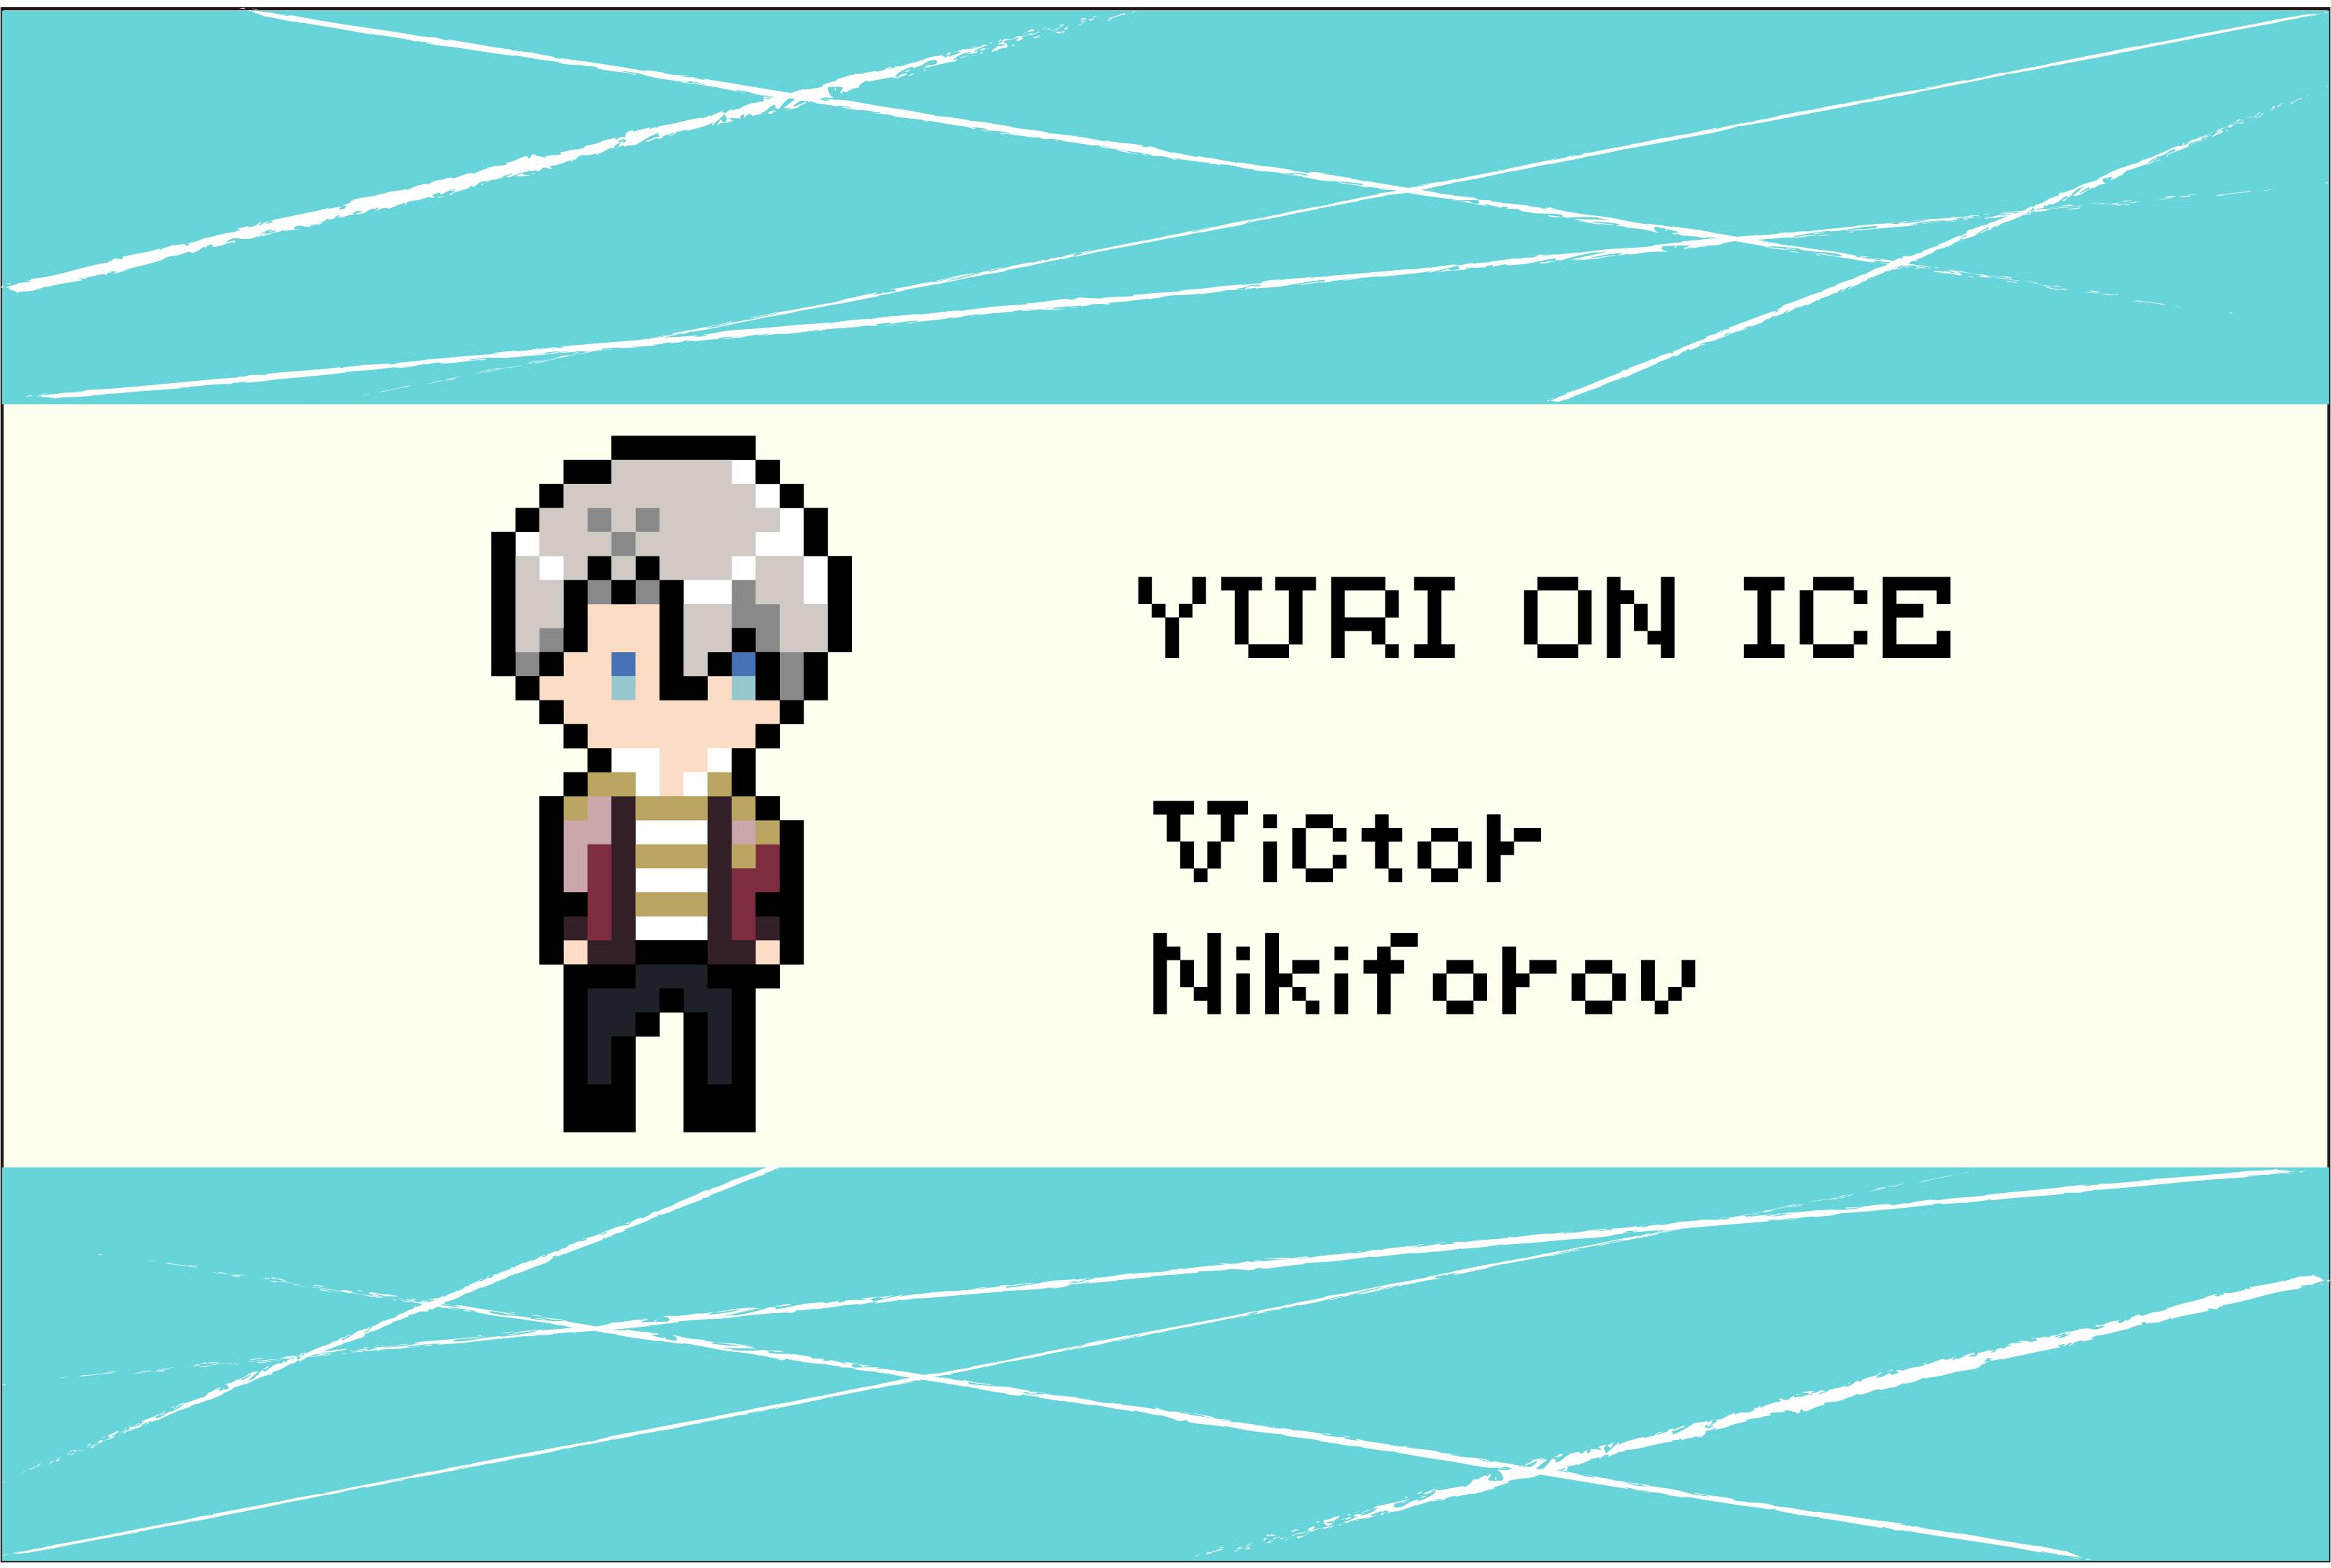 【ユーリオンアイス】ヴィクトル・ニキフォロフ(FS曲衣装Ver.)のアイロンビーズ図案